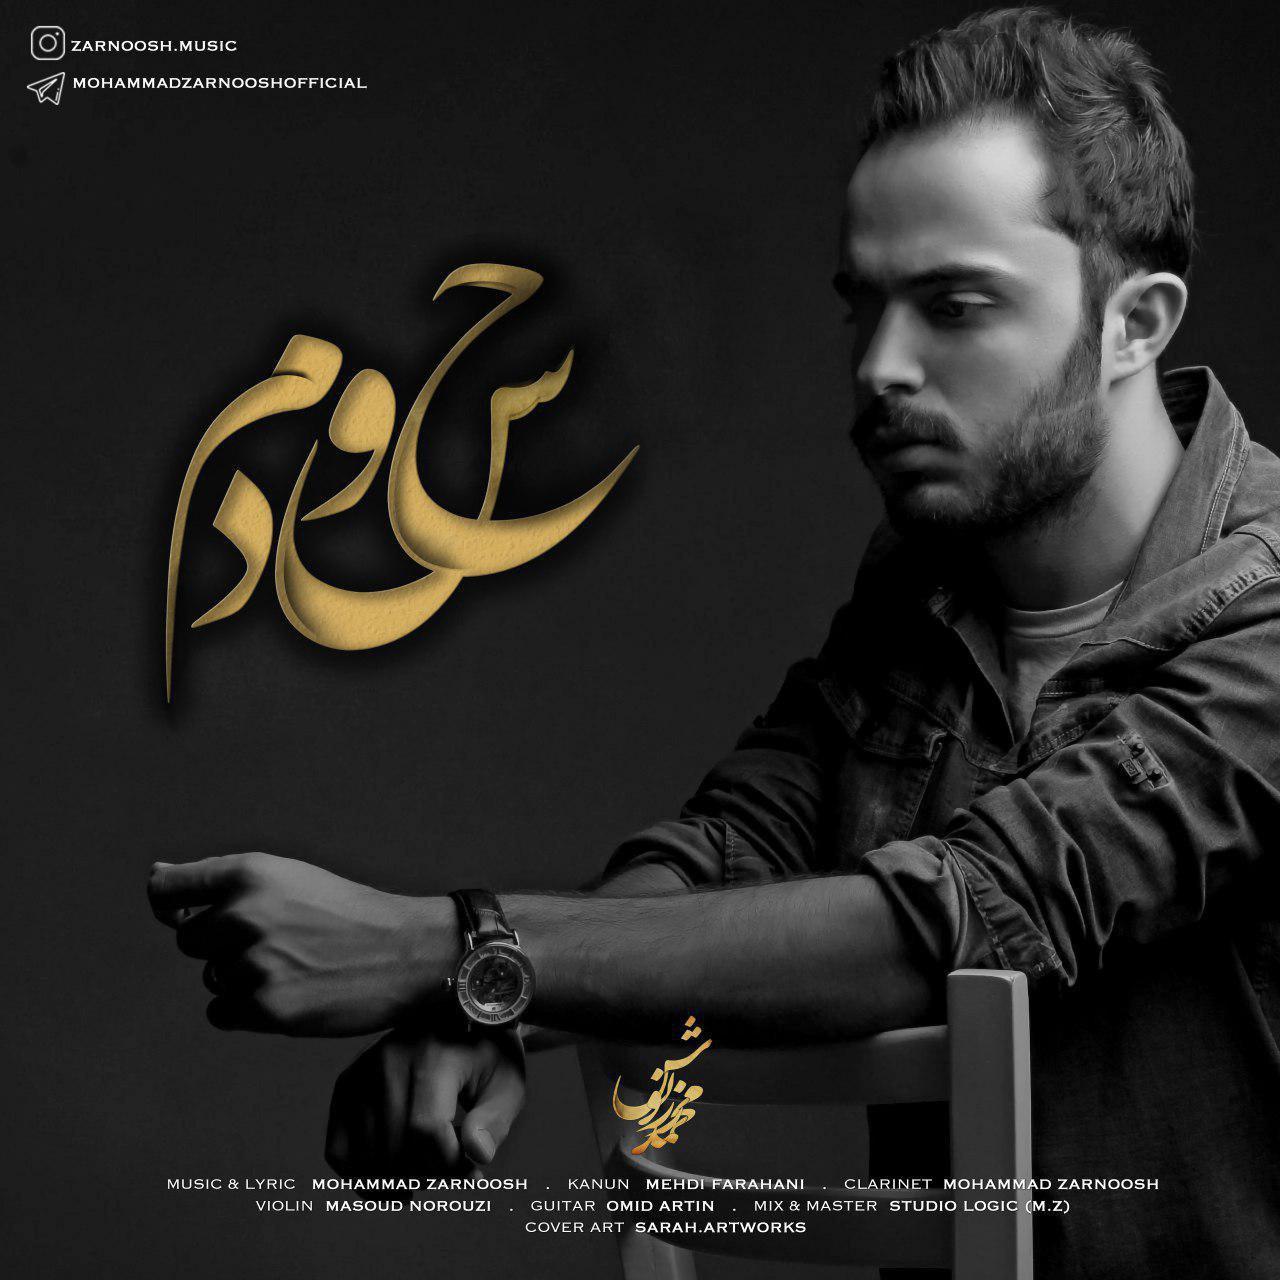 دانلود آهنگ جدید محمد زرنوش به نام حسودم